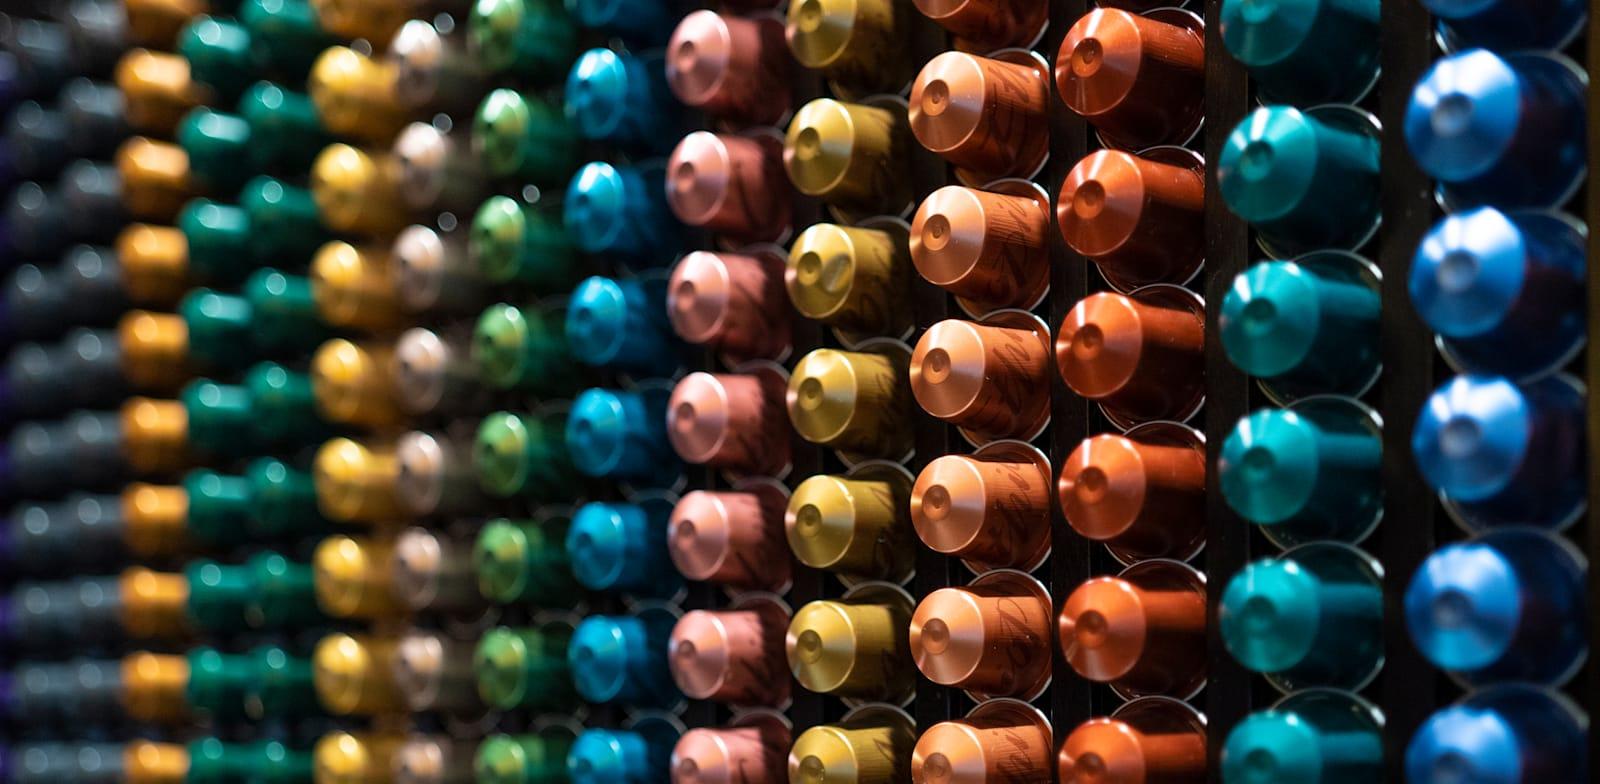 קפסולות של נספרסו / צילום: Shutterstock, Manu Padilla